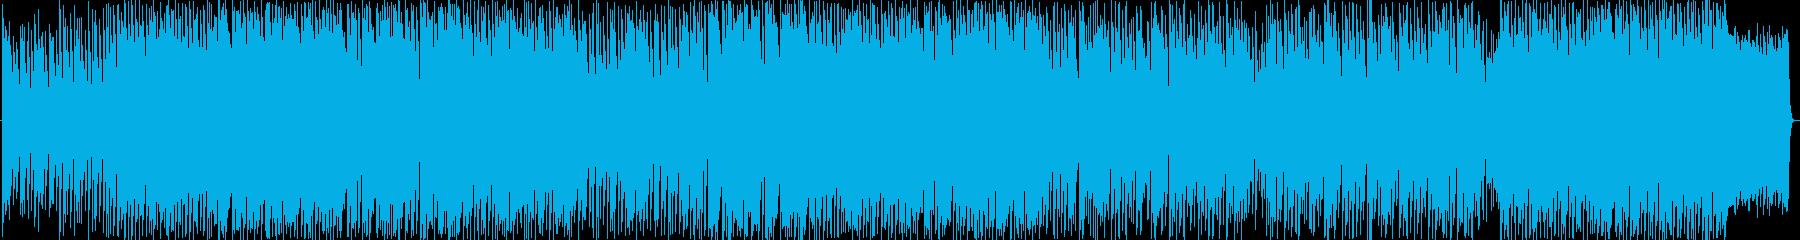 ディズニーエレクトリカルパレード的な曲の再生済みの波形